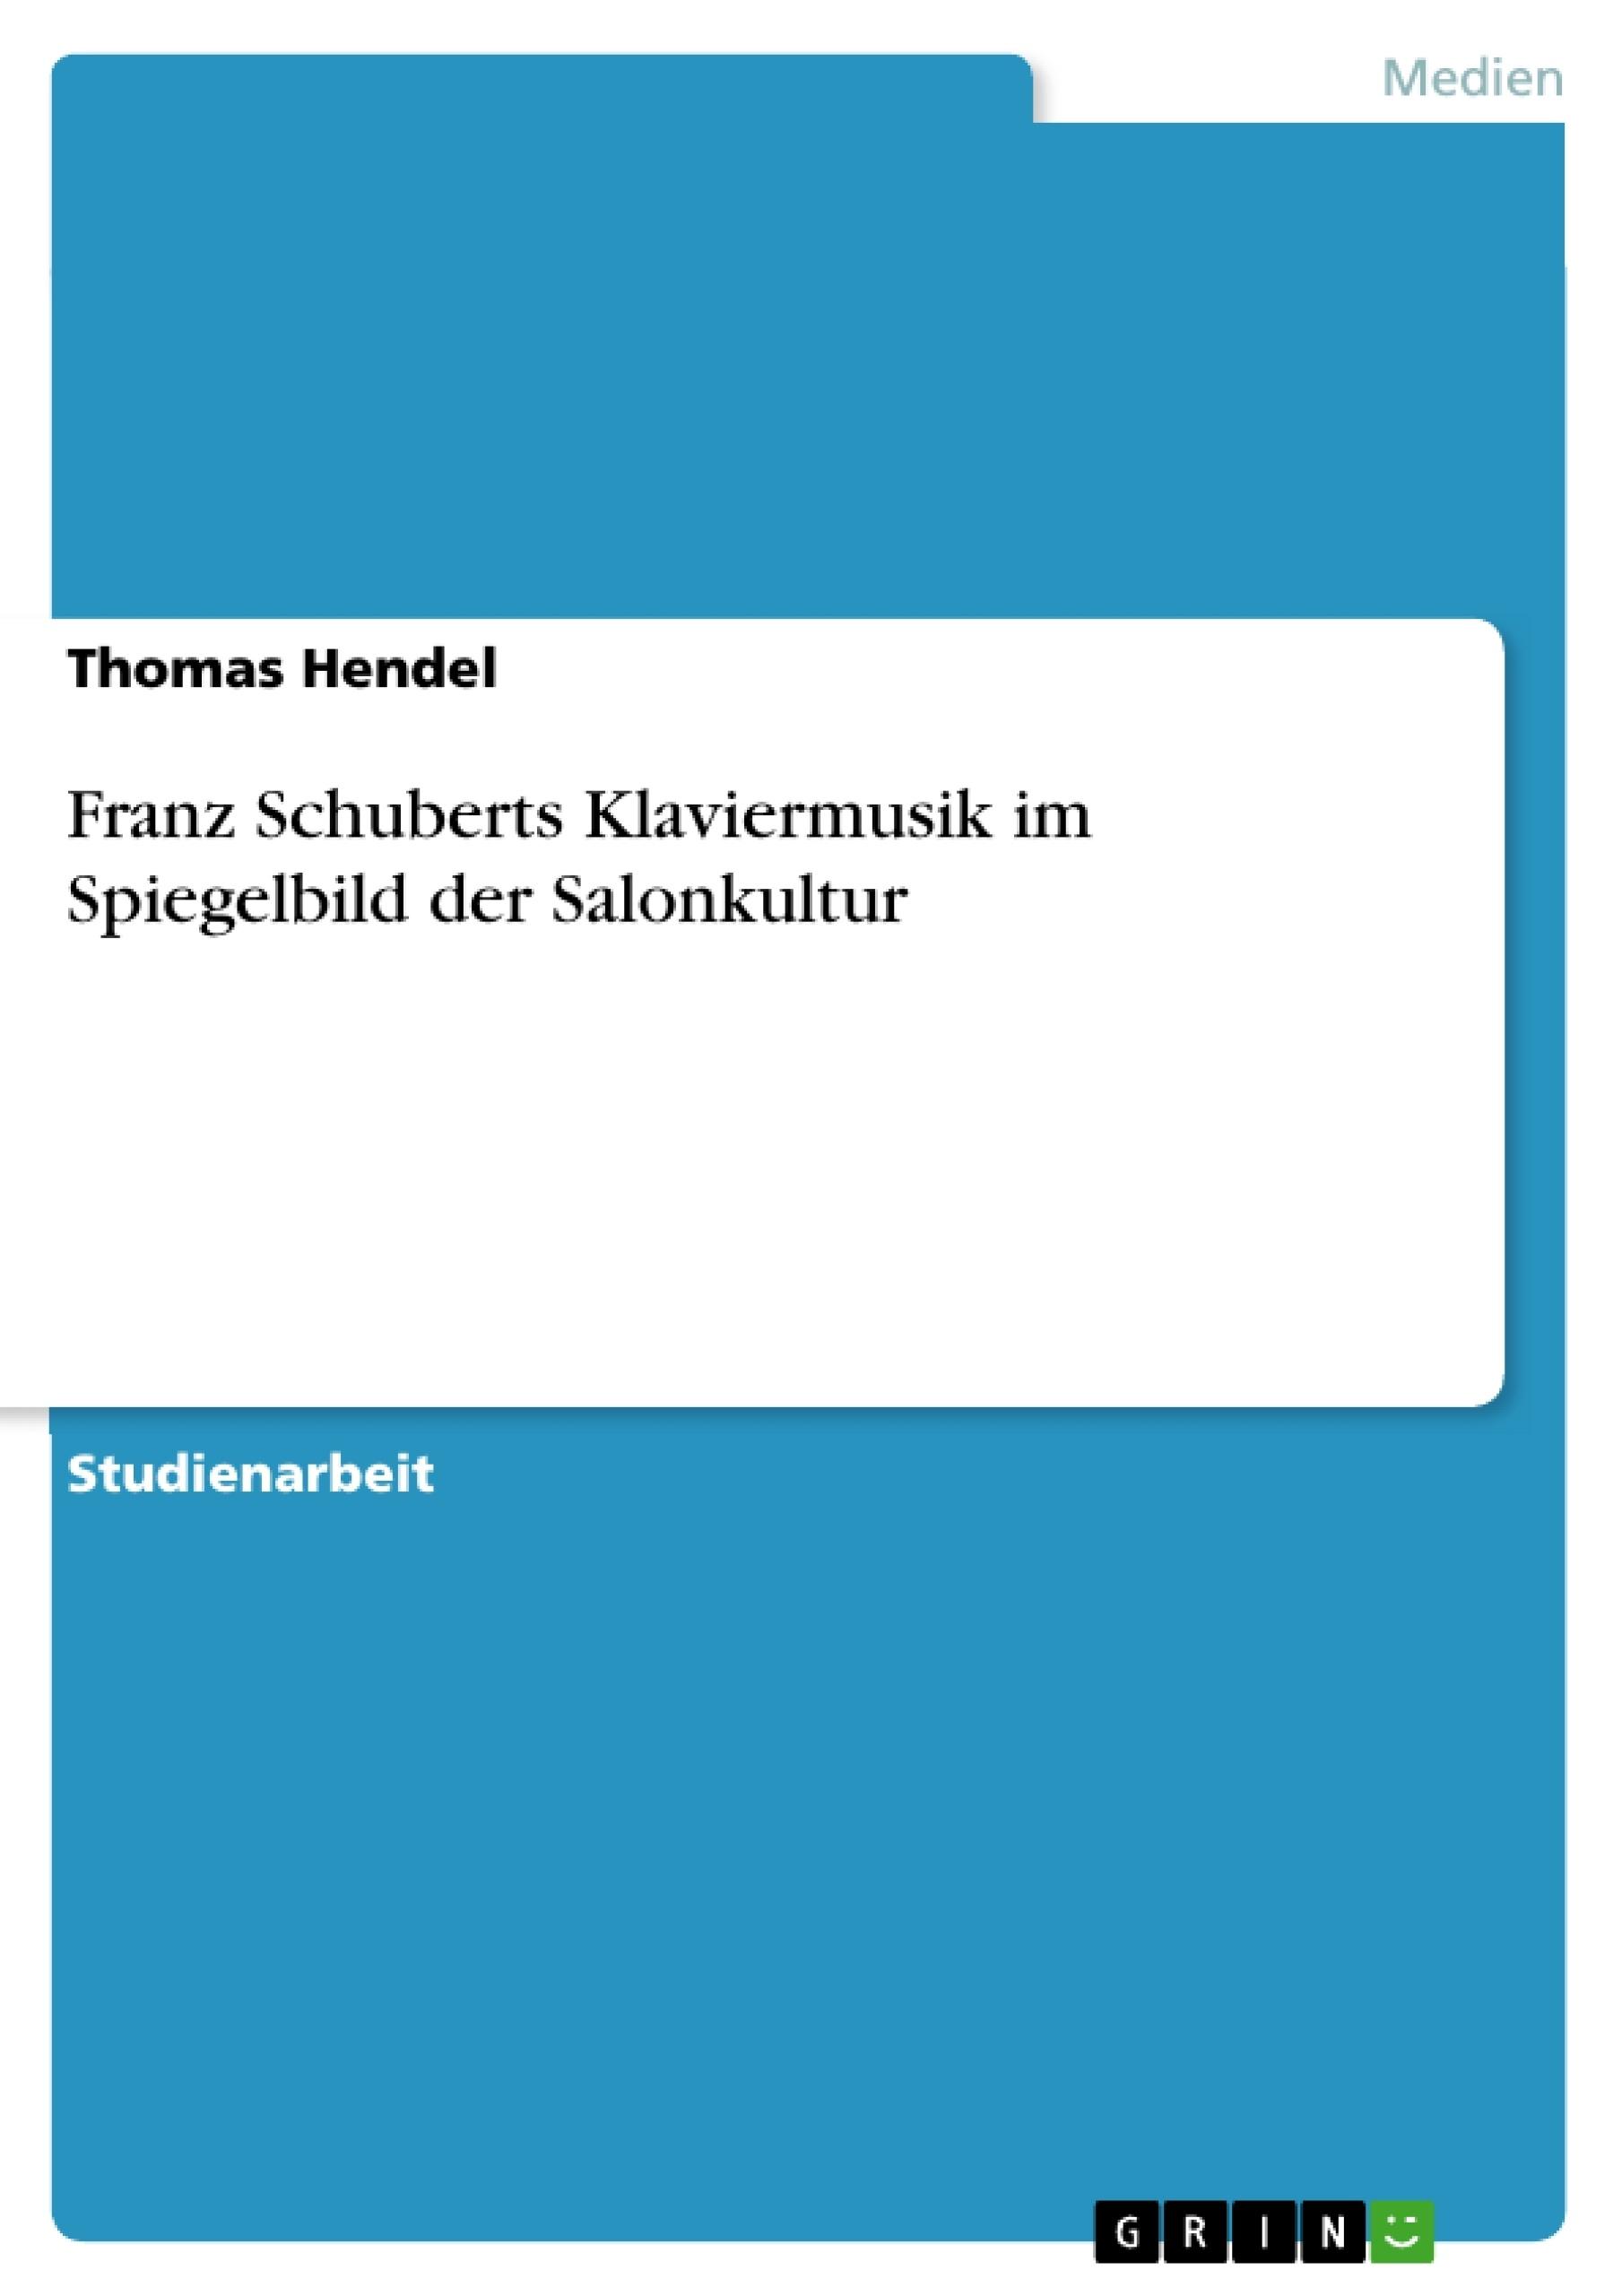 Titel: Franz Schuberts Klaviermusik im Spiegelbild der Salonkultur